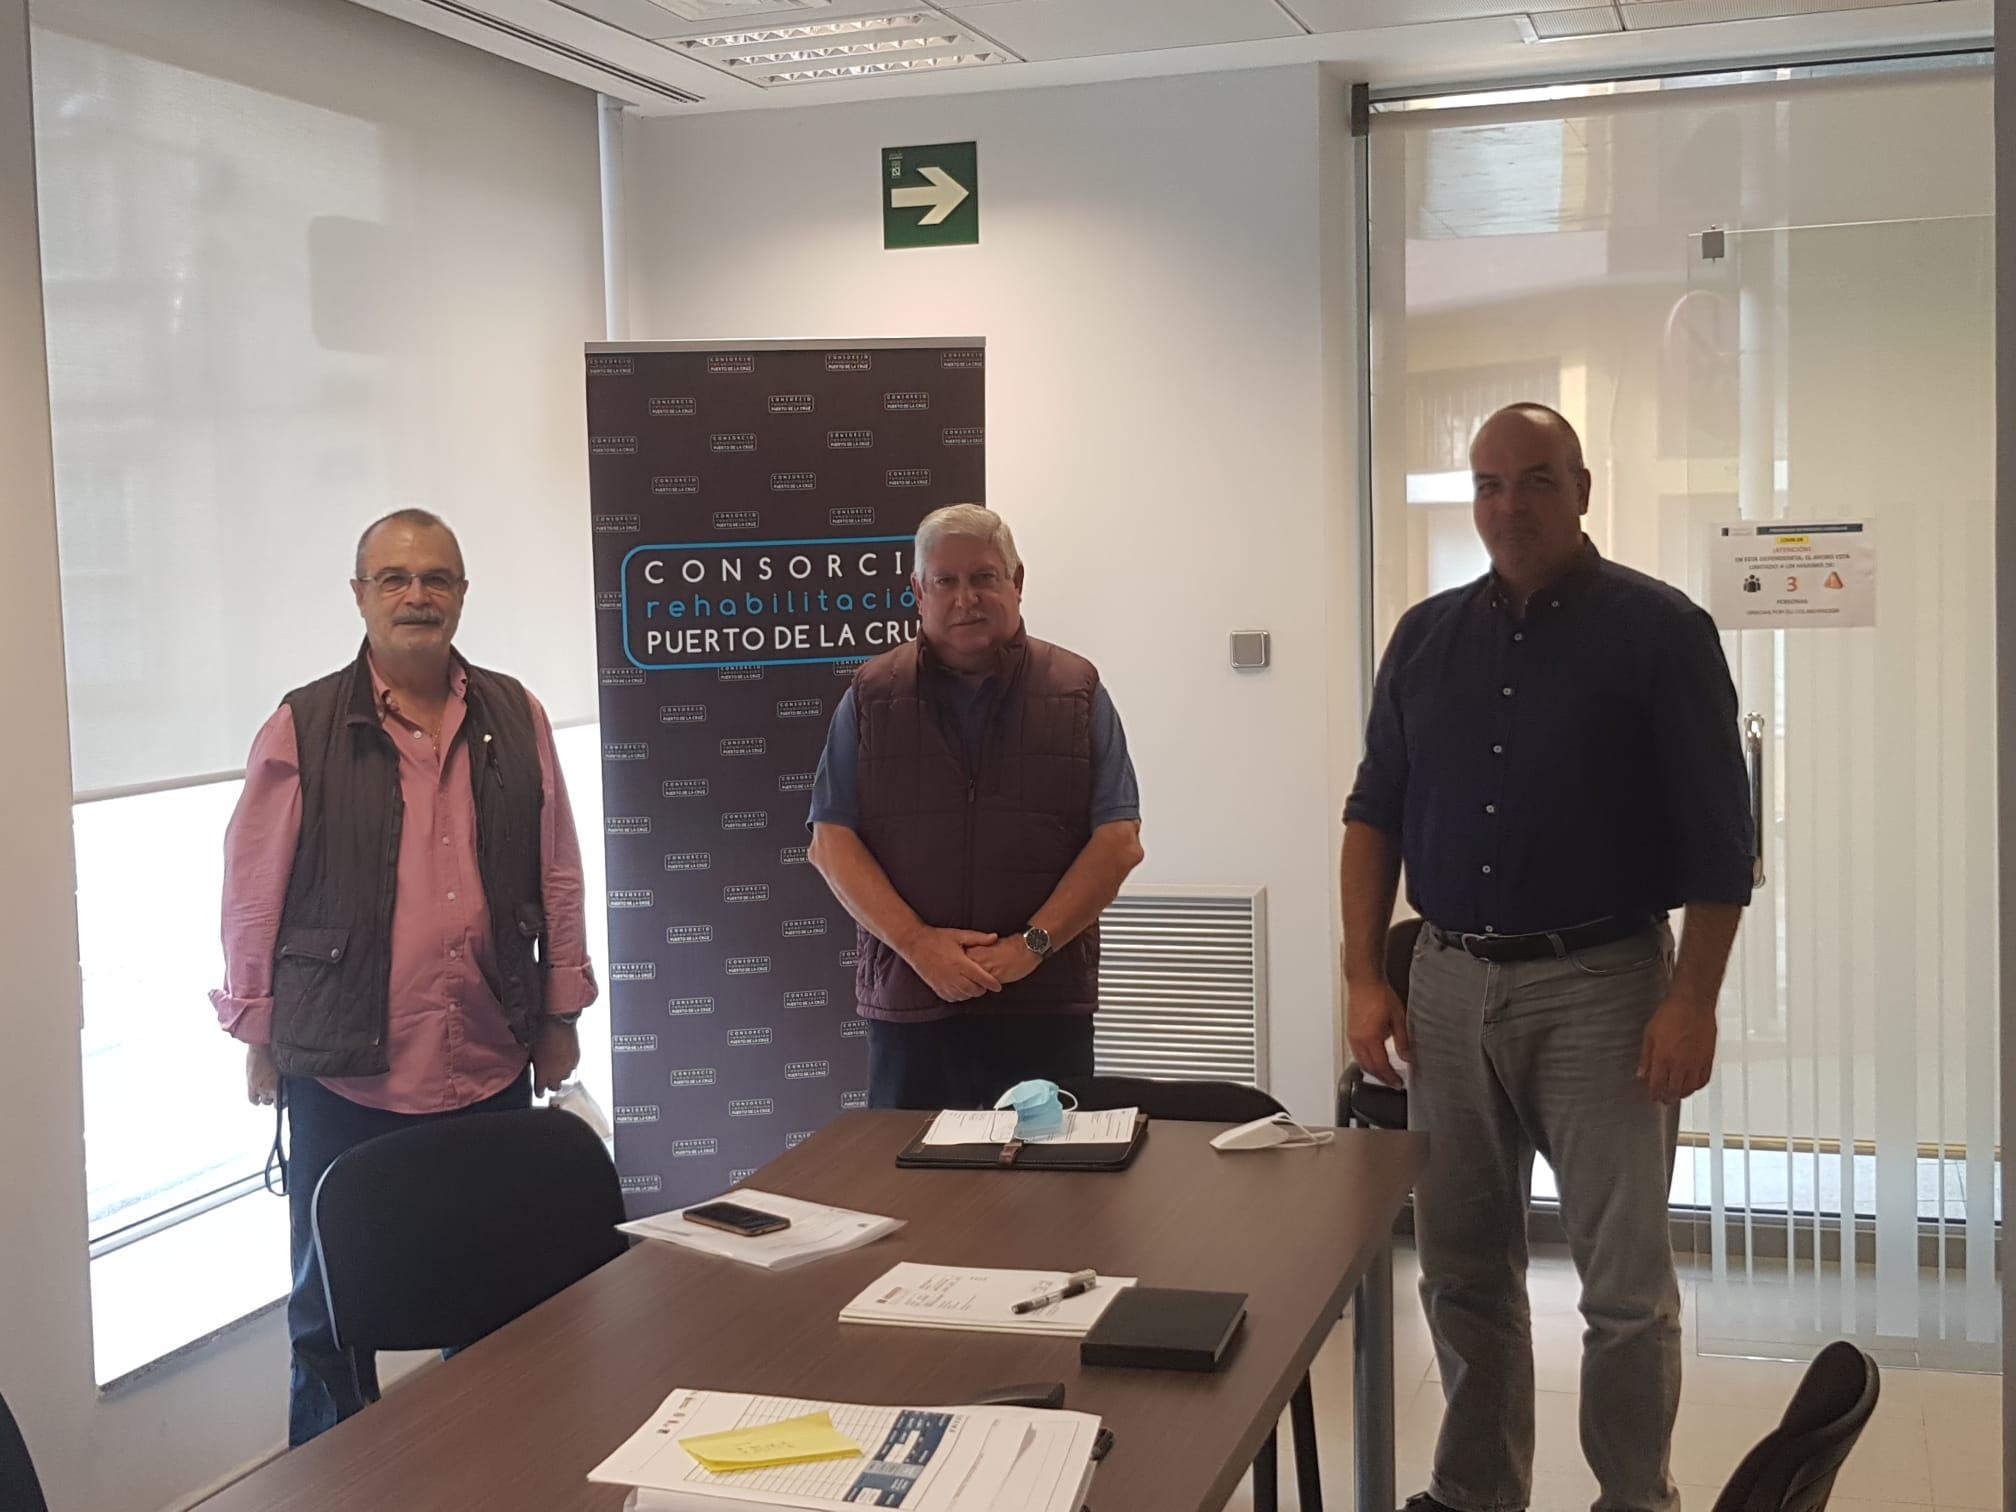 Reunión con el gerente del Consorcio de rehabilitación del Puerto de la Cruz